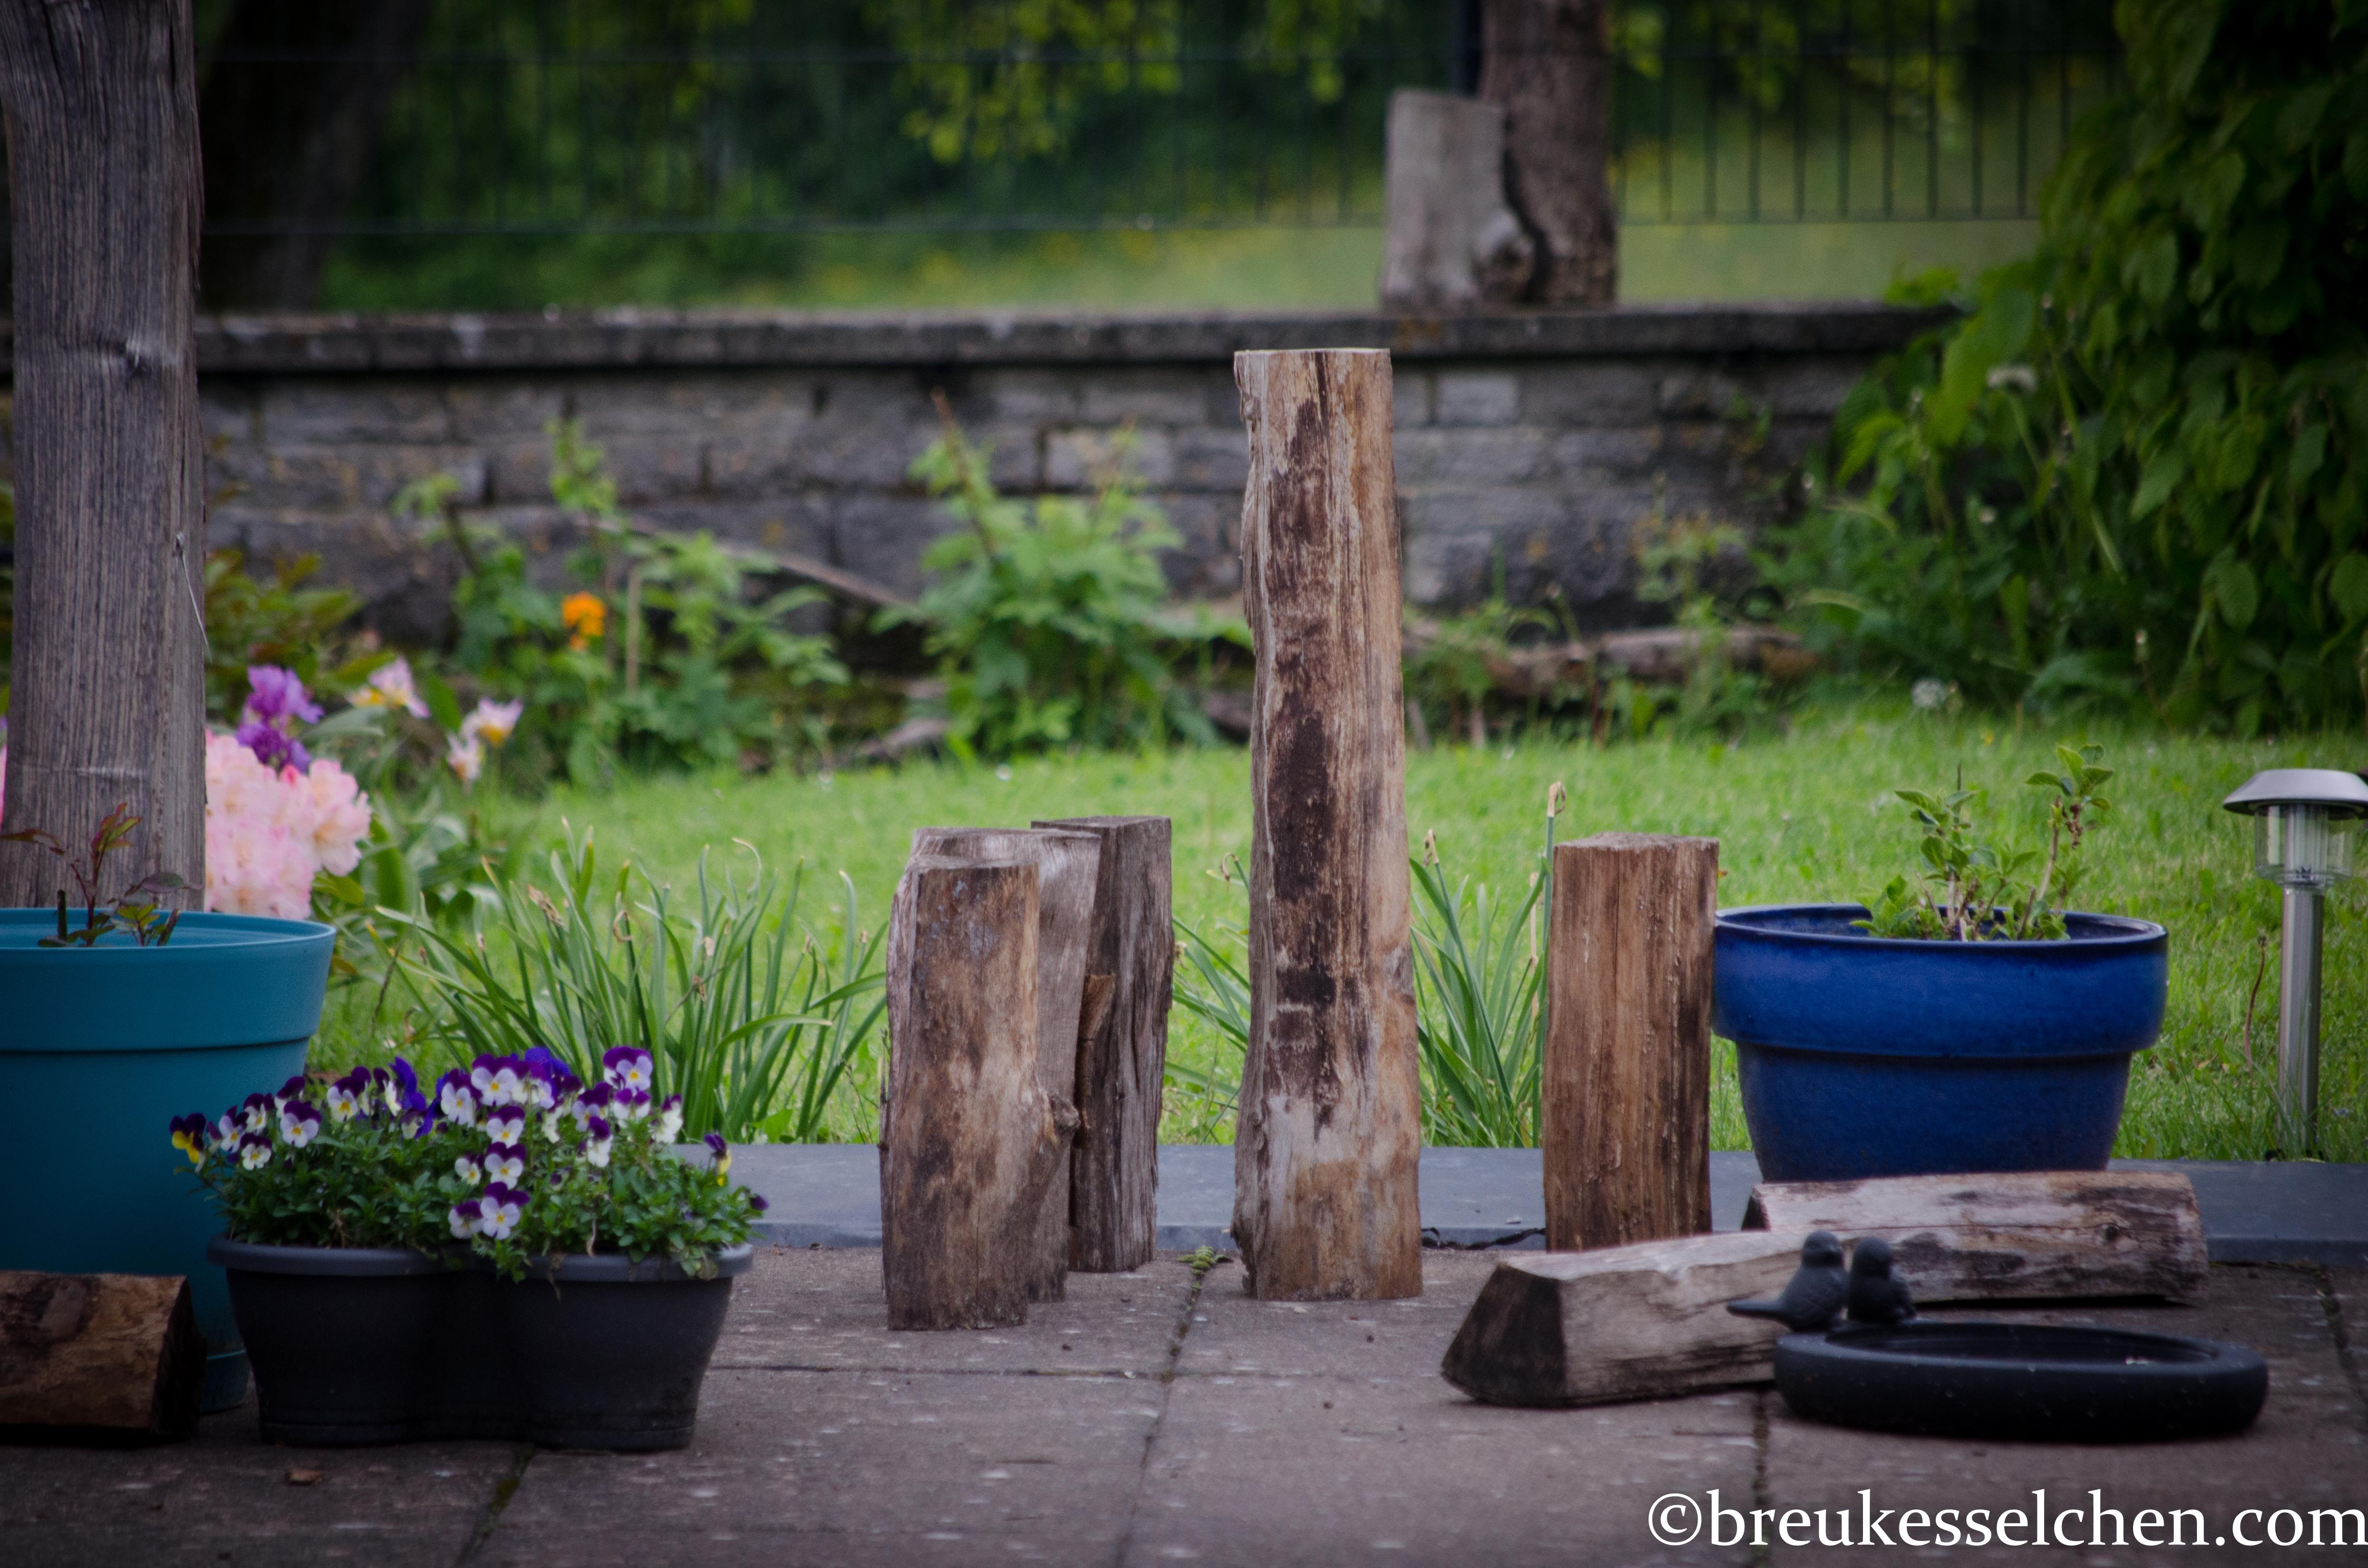 Garten Dekorieren With Holz Im Garten. Spielwiese Für Die Vögel Und Deko  Für